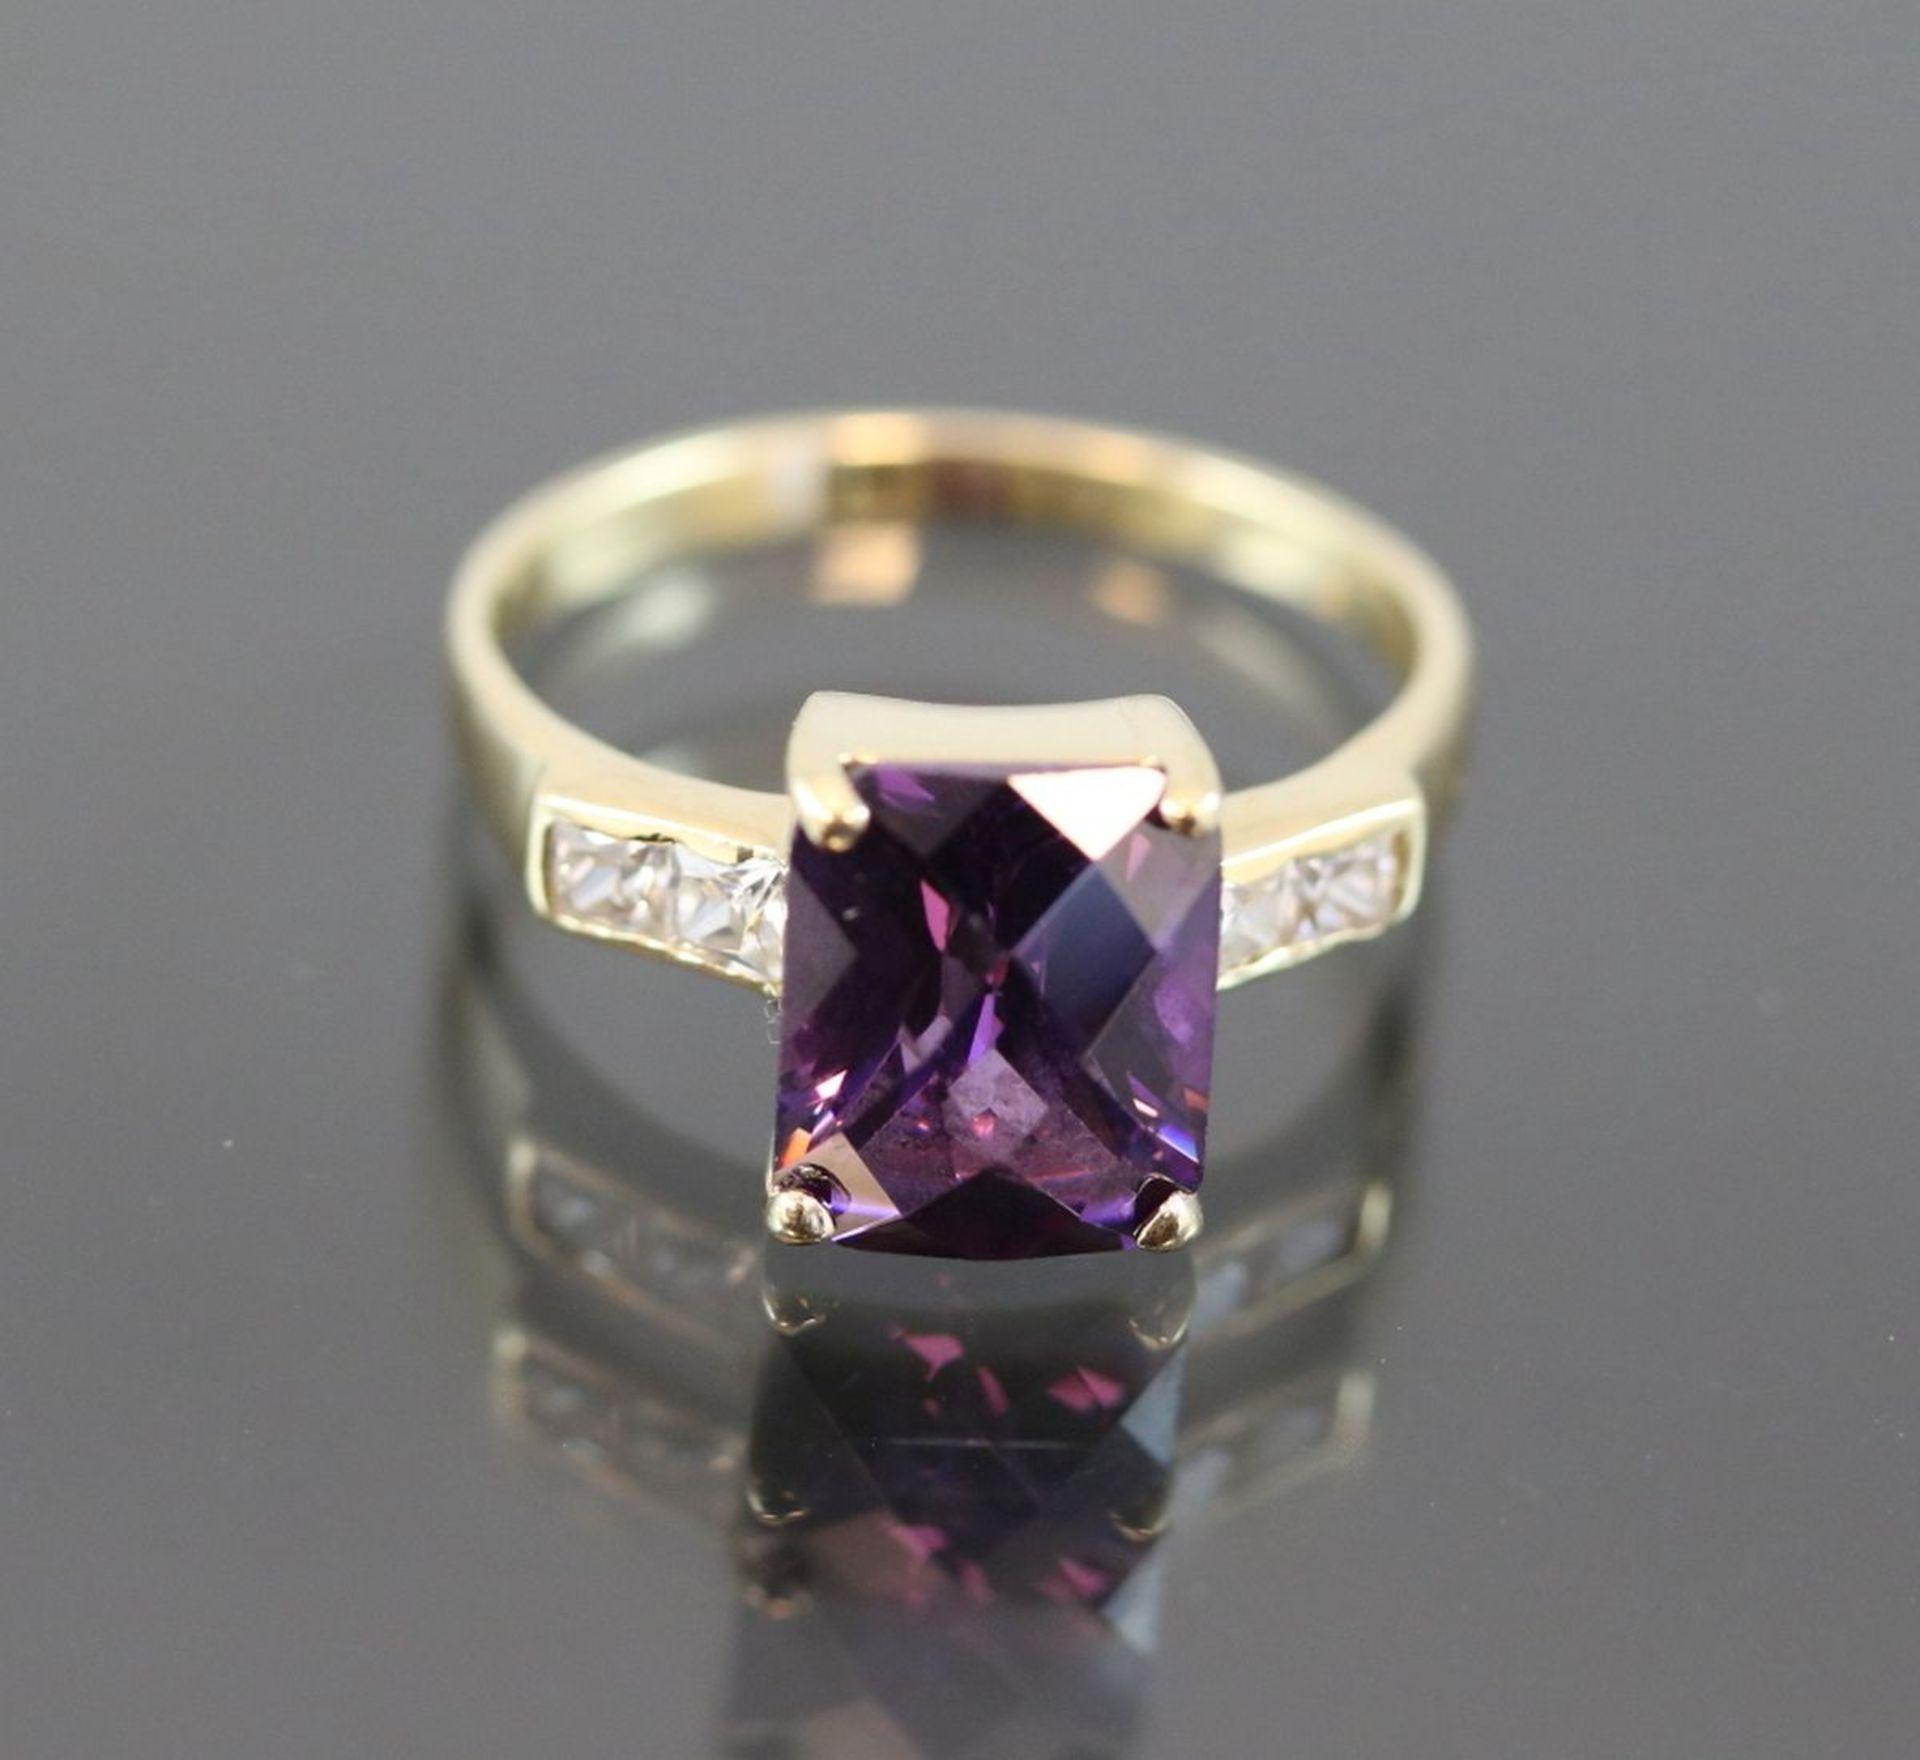 Amethyst-Ring, 585 Gold4,4 Gramm Ringgröße: 56Schätzpreis: 800,- - Bild 2 aus 3